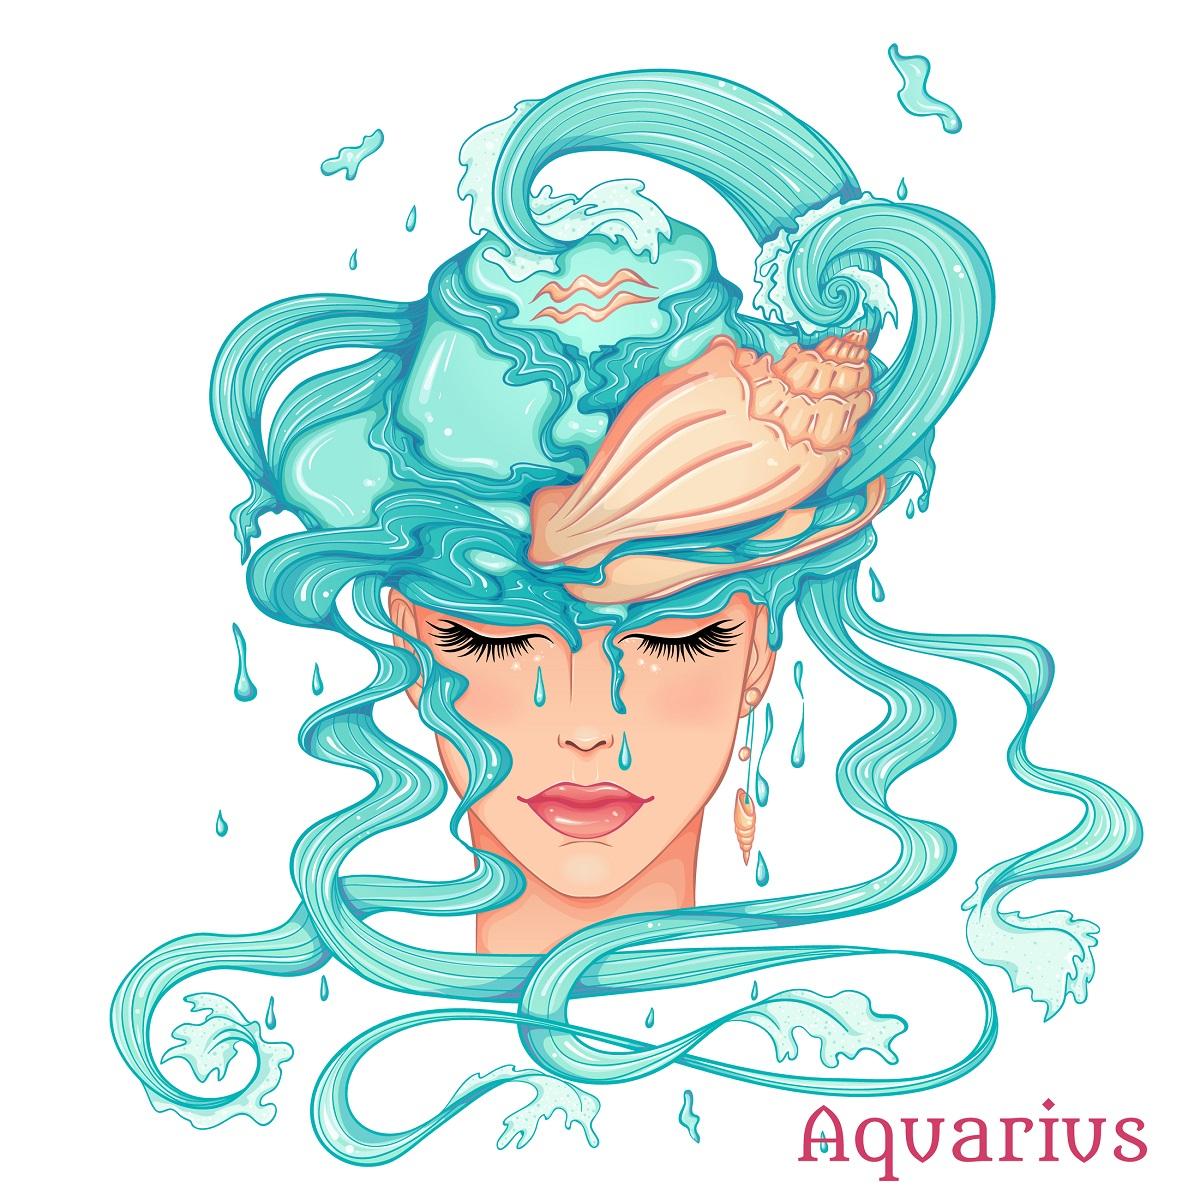 O femeie frumoasă cu părul lung și albastru pentru a reprezenta zodia vărsătorului